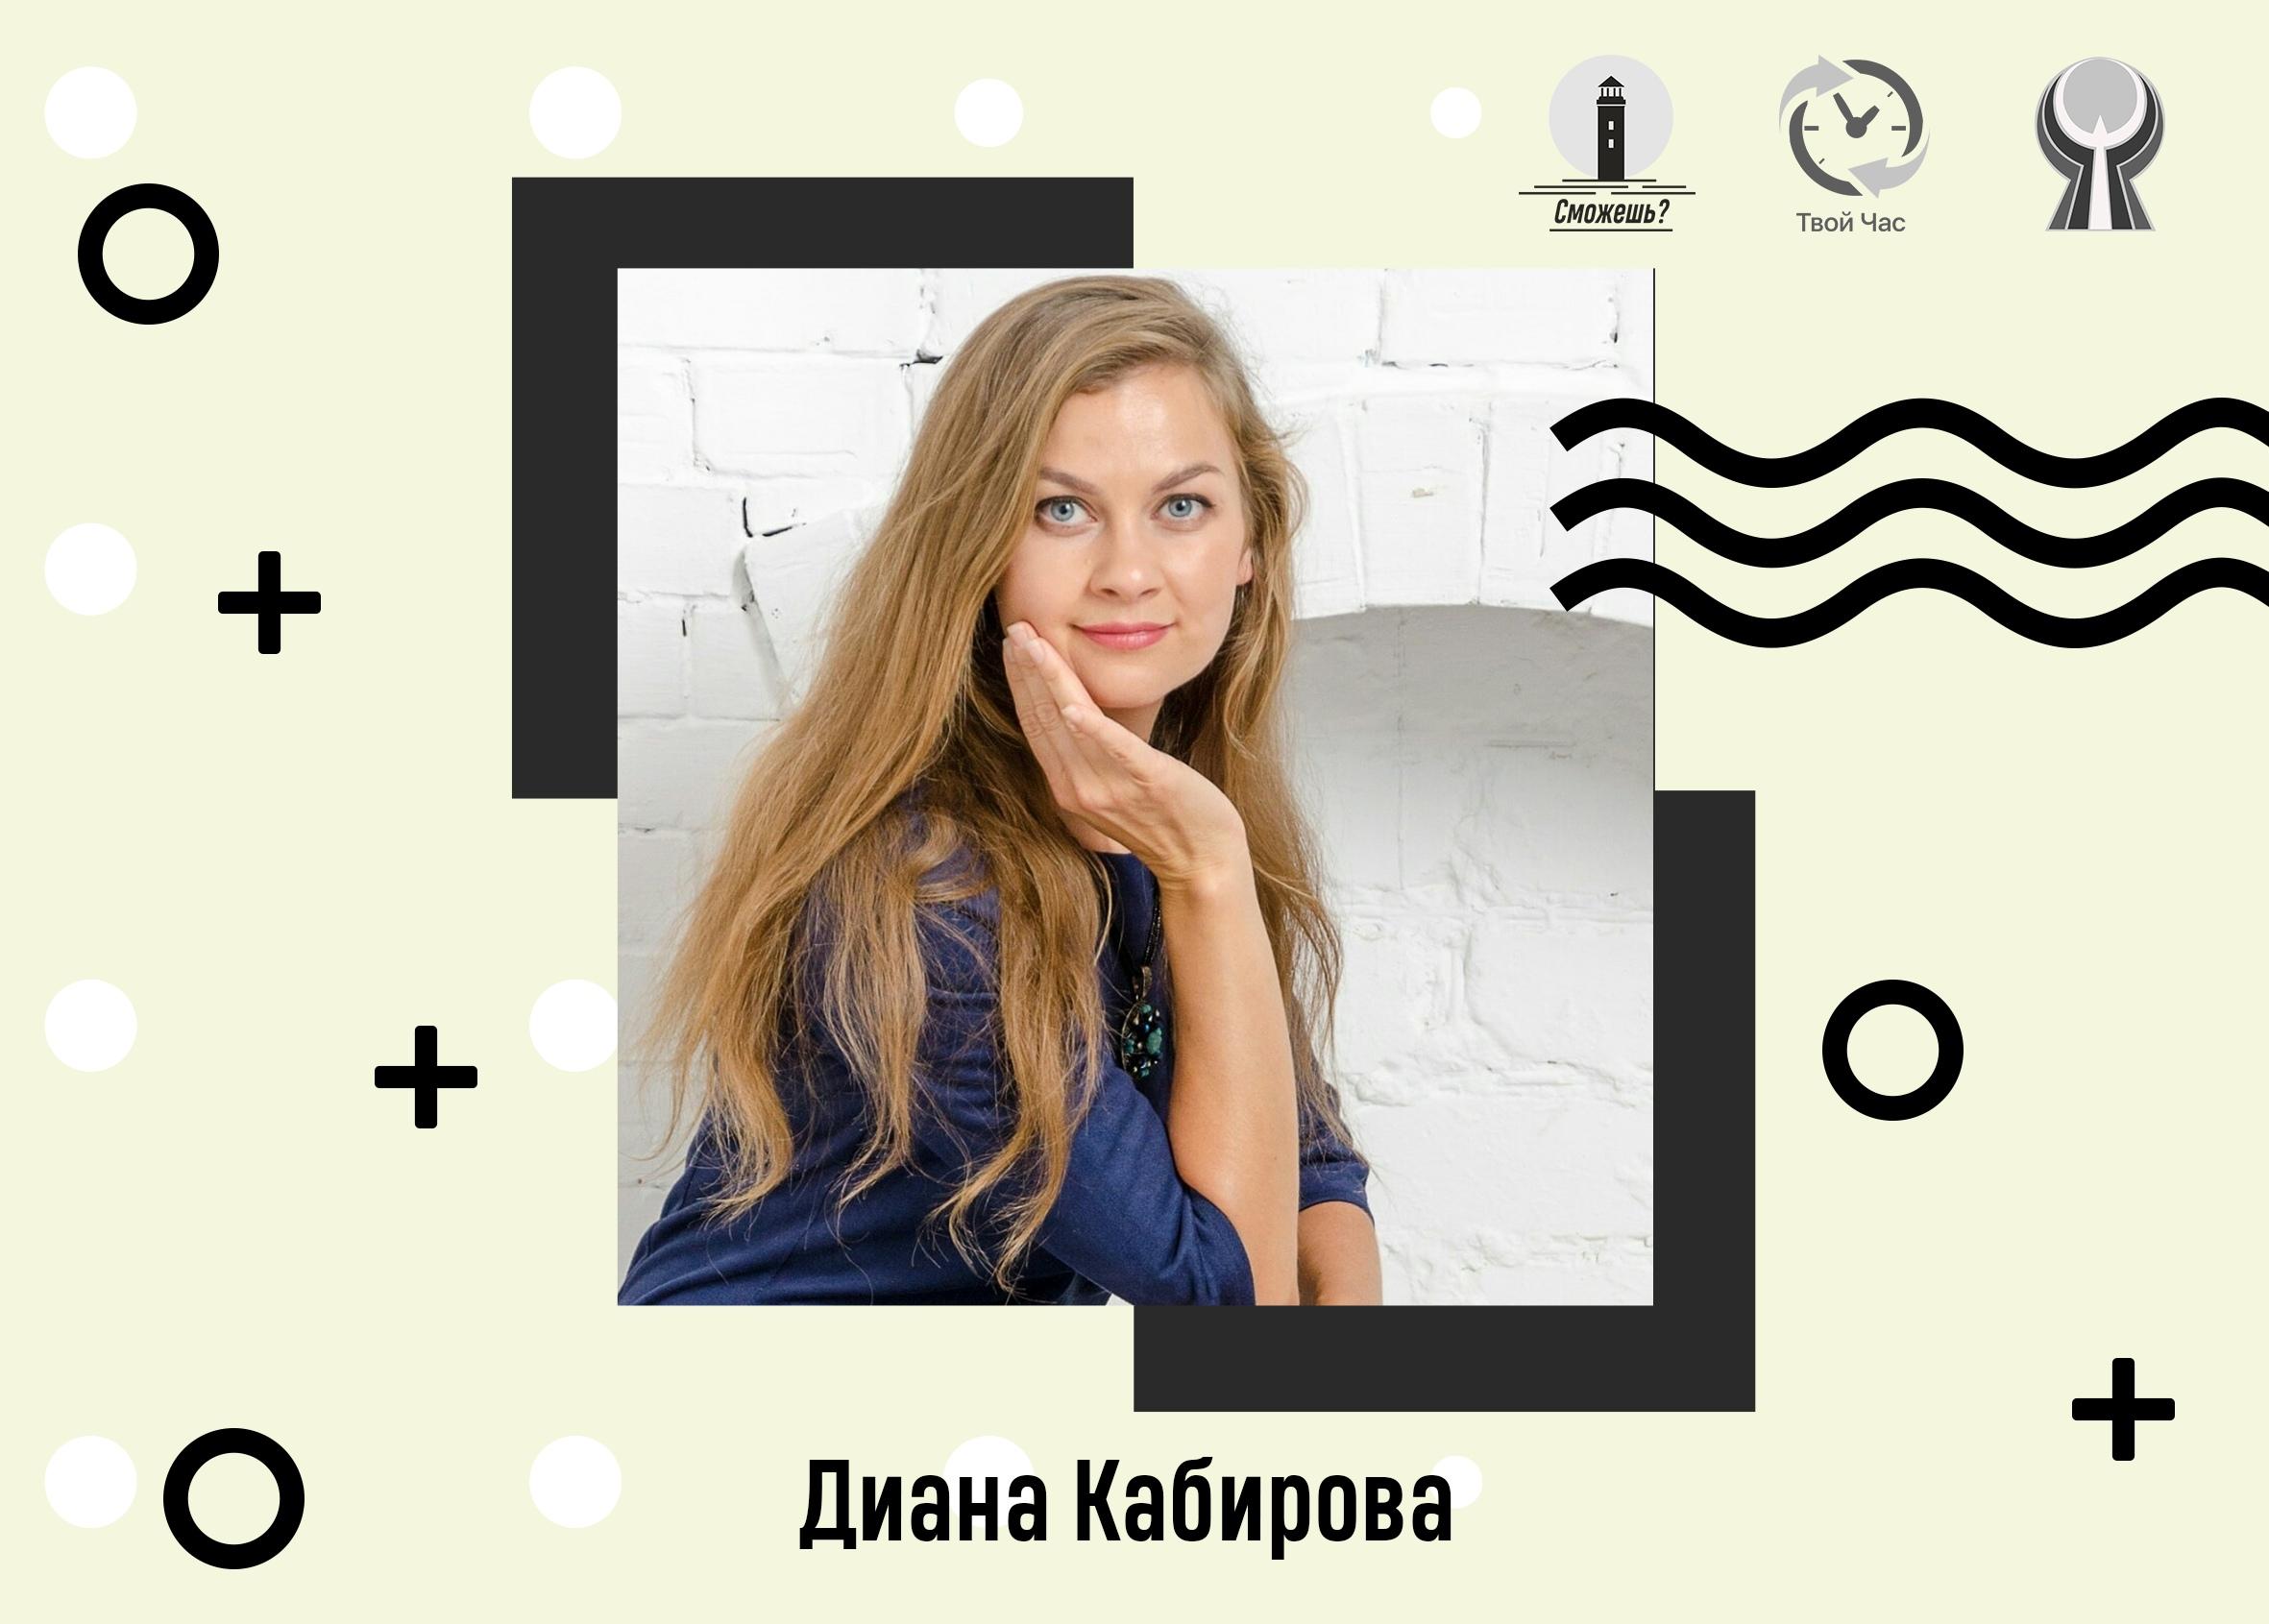 Проект «Сможешь?»,  Zero waste лекция от Дианы Кабировой @ Квартал (ул. Ленина 78)